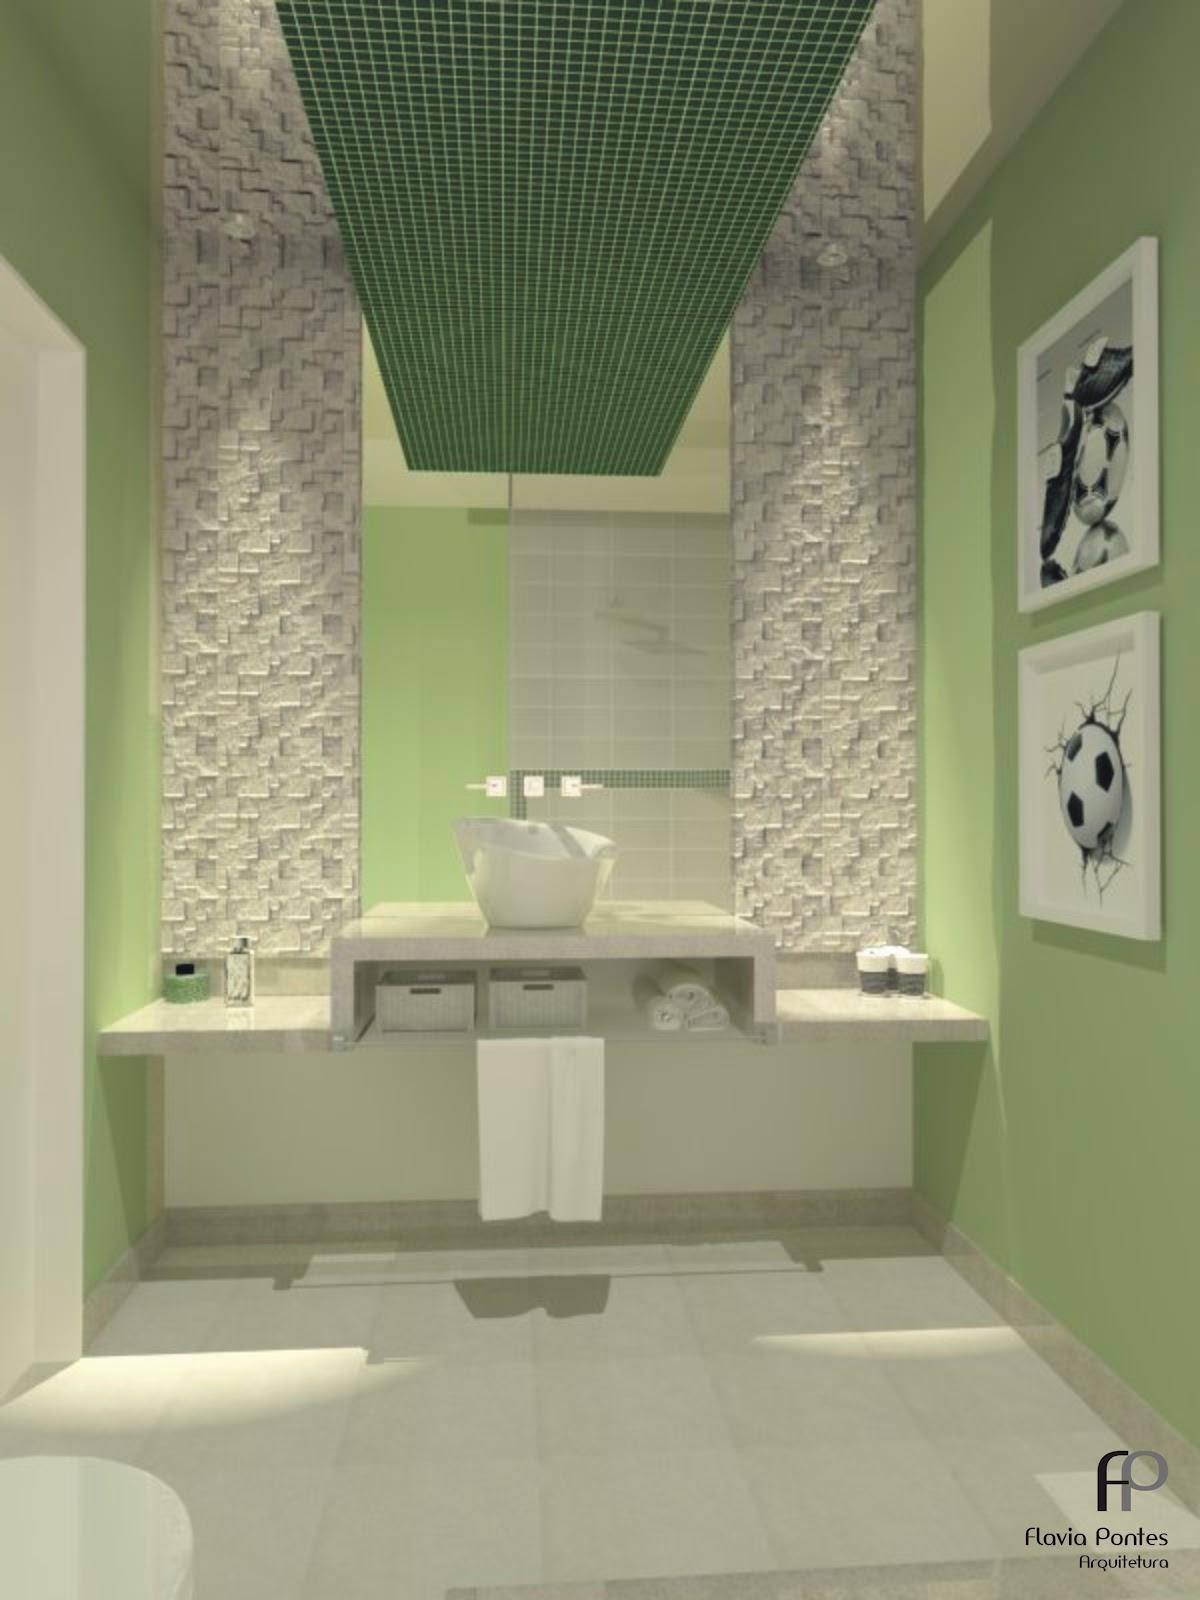 banheiro de um adolescente também merece um toque de personalidade  #868045 1200x1600